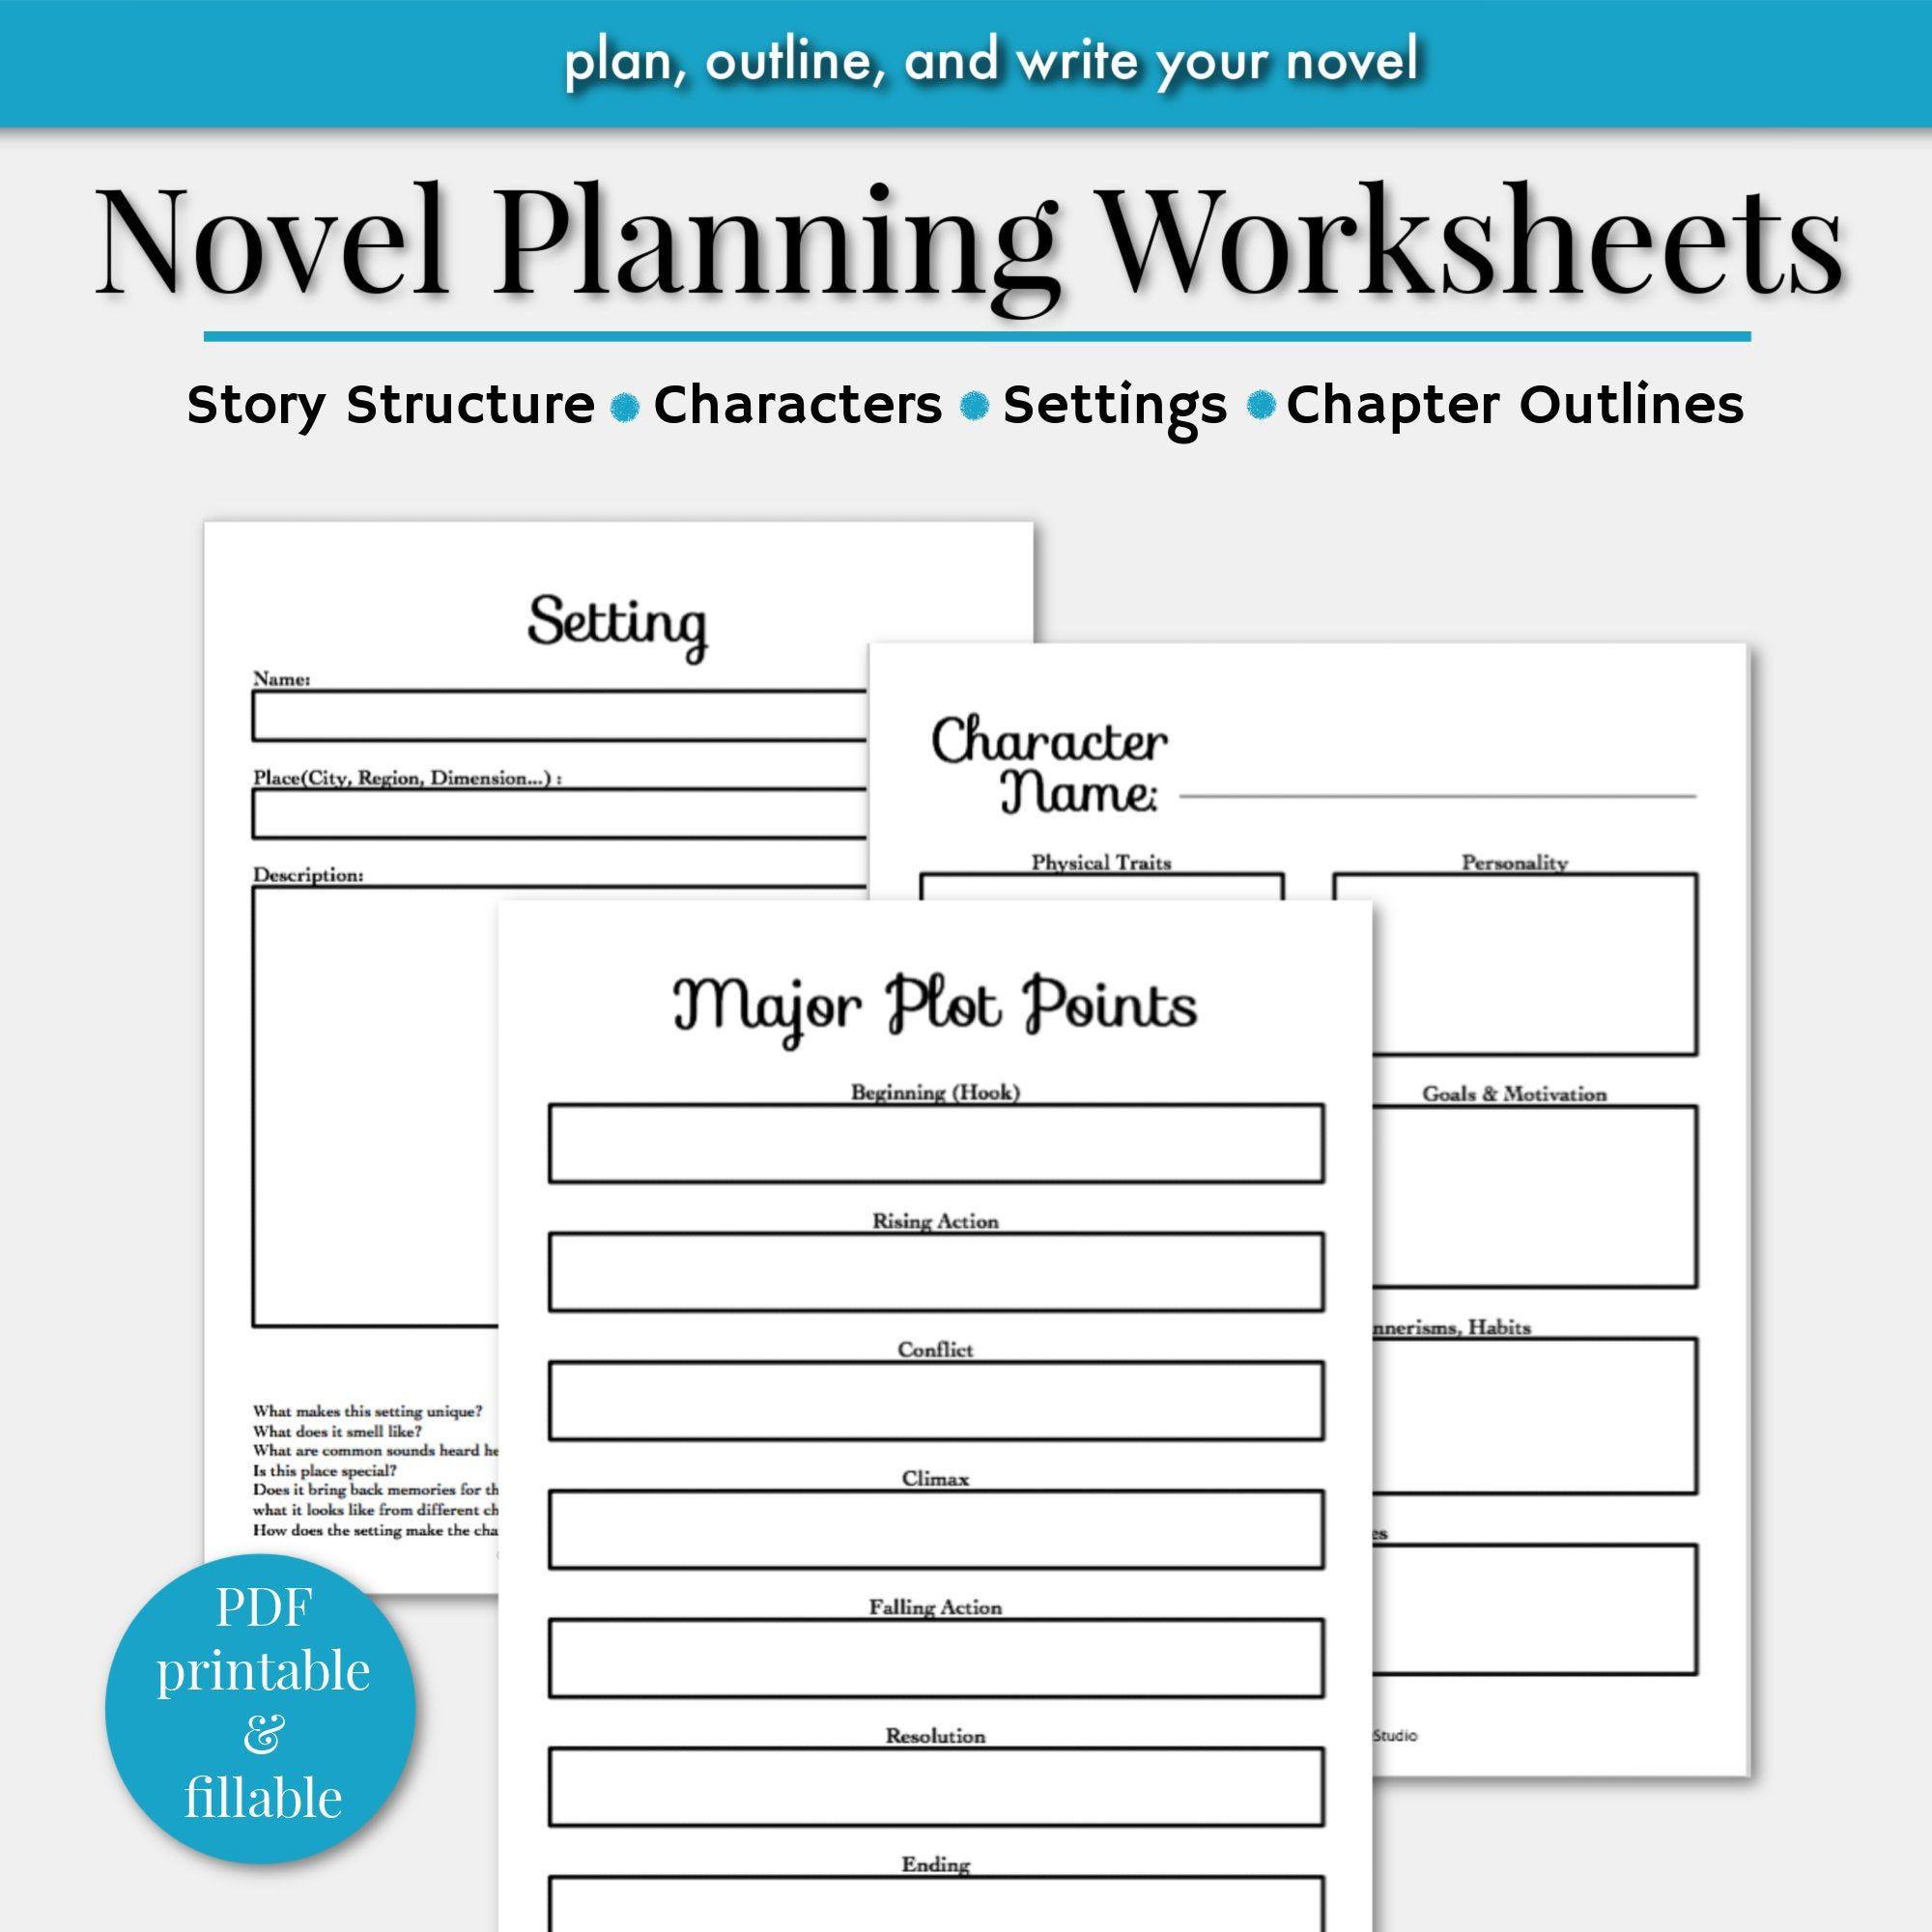 Novel Writing Worksheets Writing Planner Novel Planner Etsy In 2021 Writing Worksheets Writing Templates Novel Writing Novel writing template printable